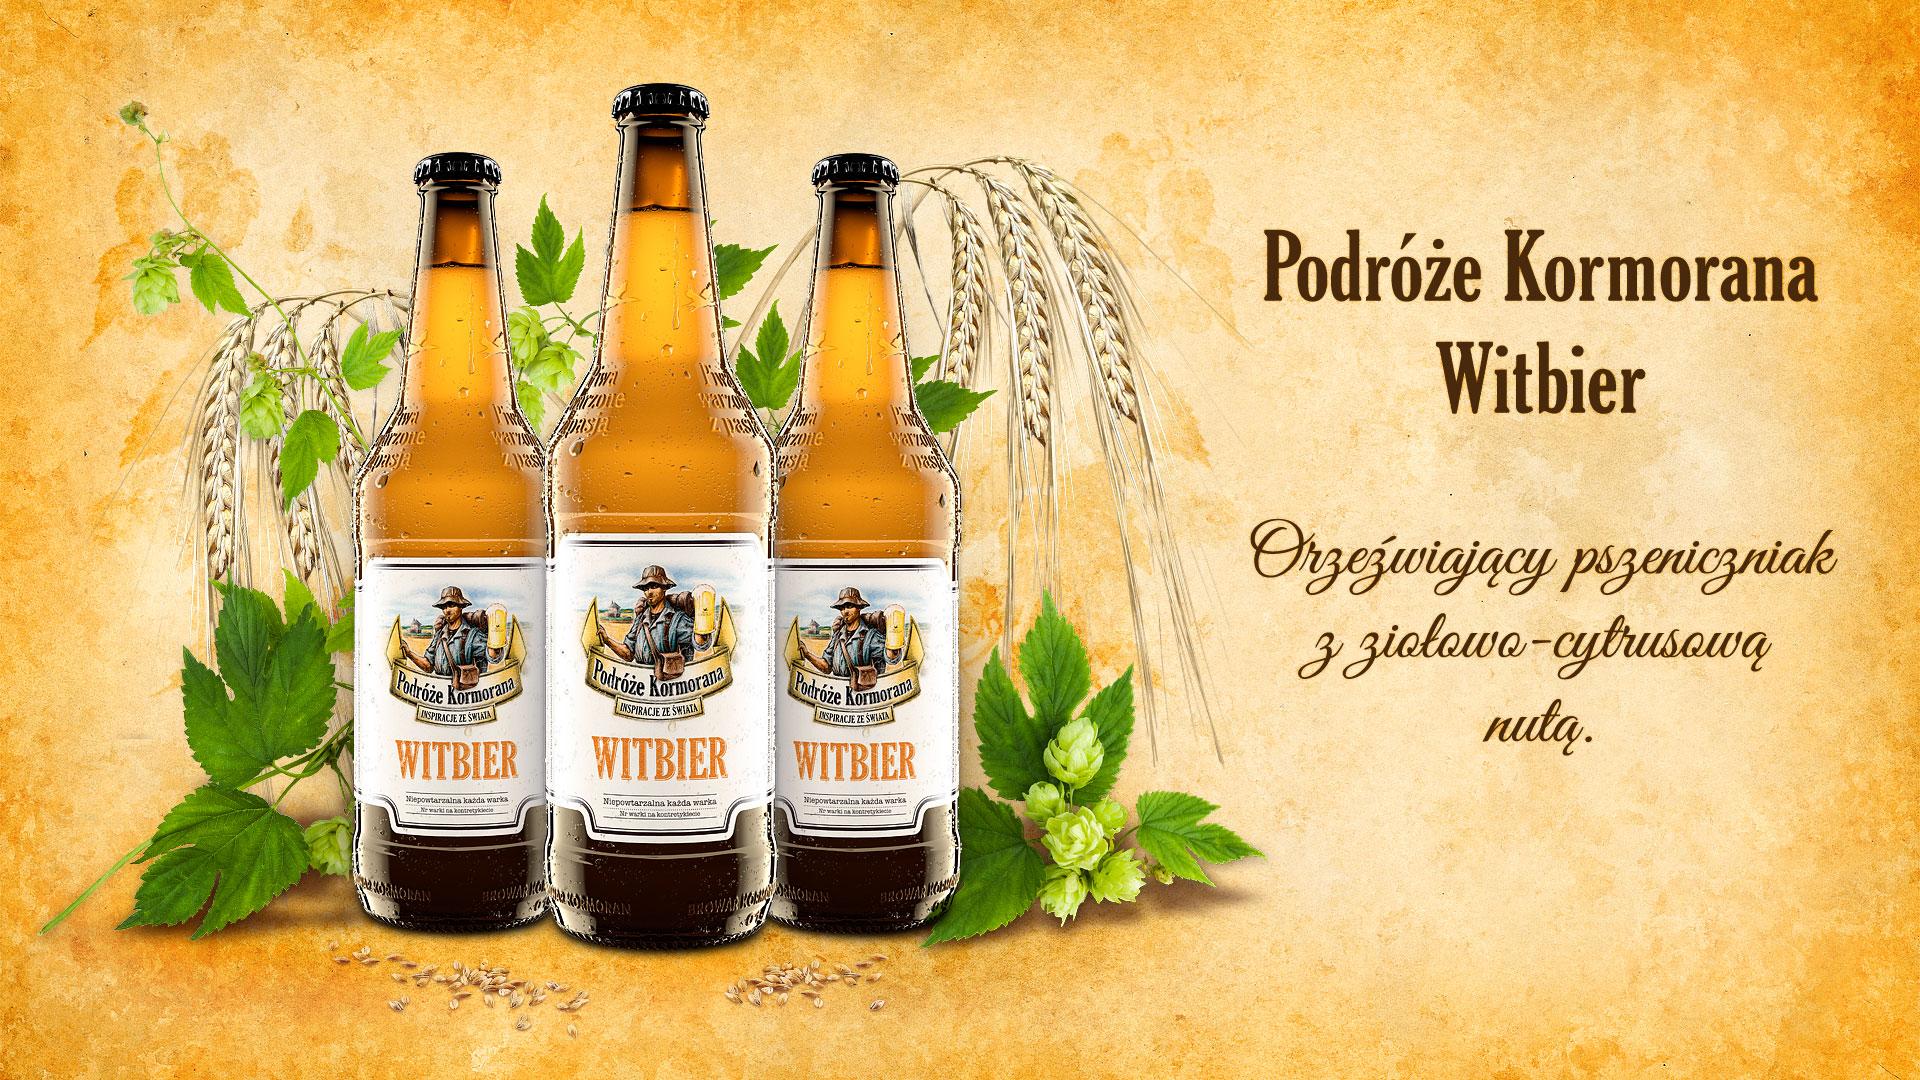 Piwo Podróże Kormorana Witbier - Browar Kormoran